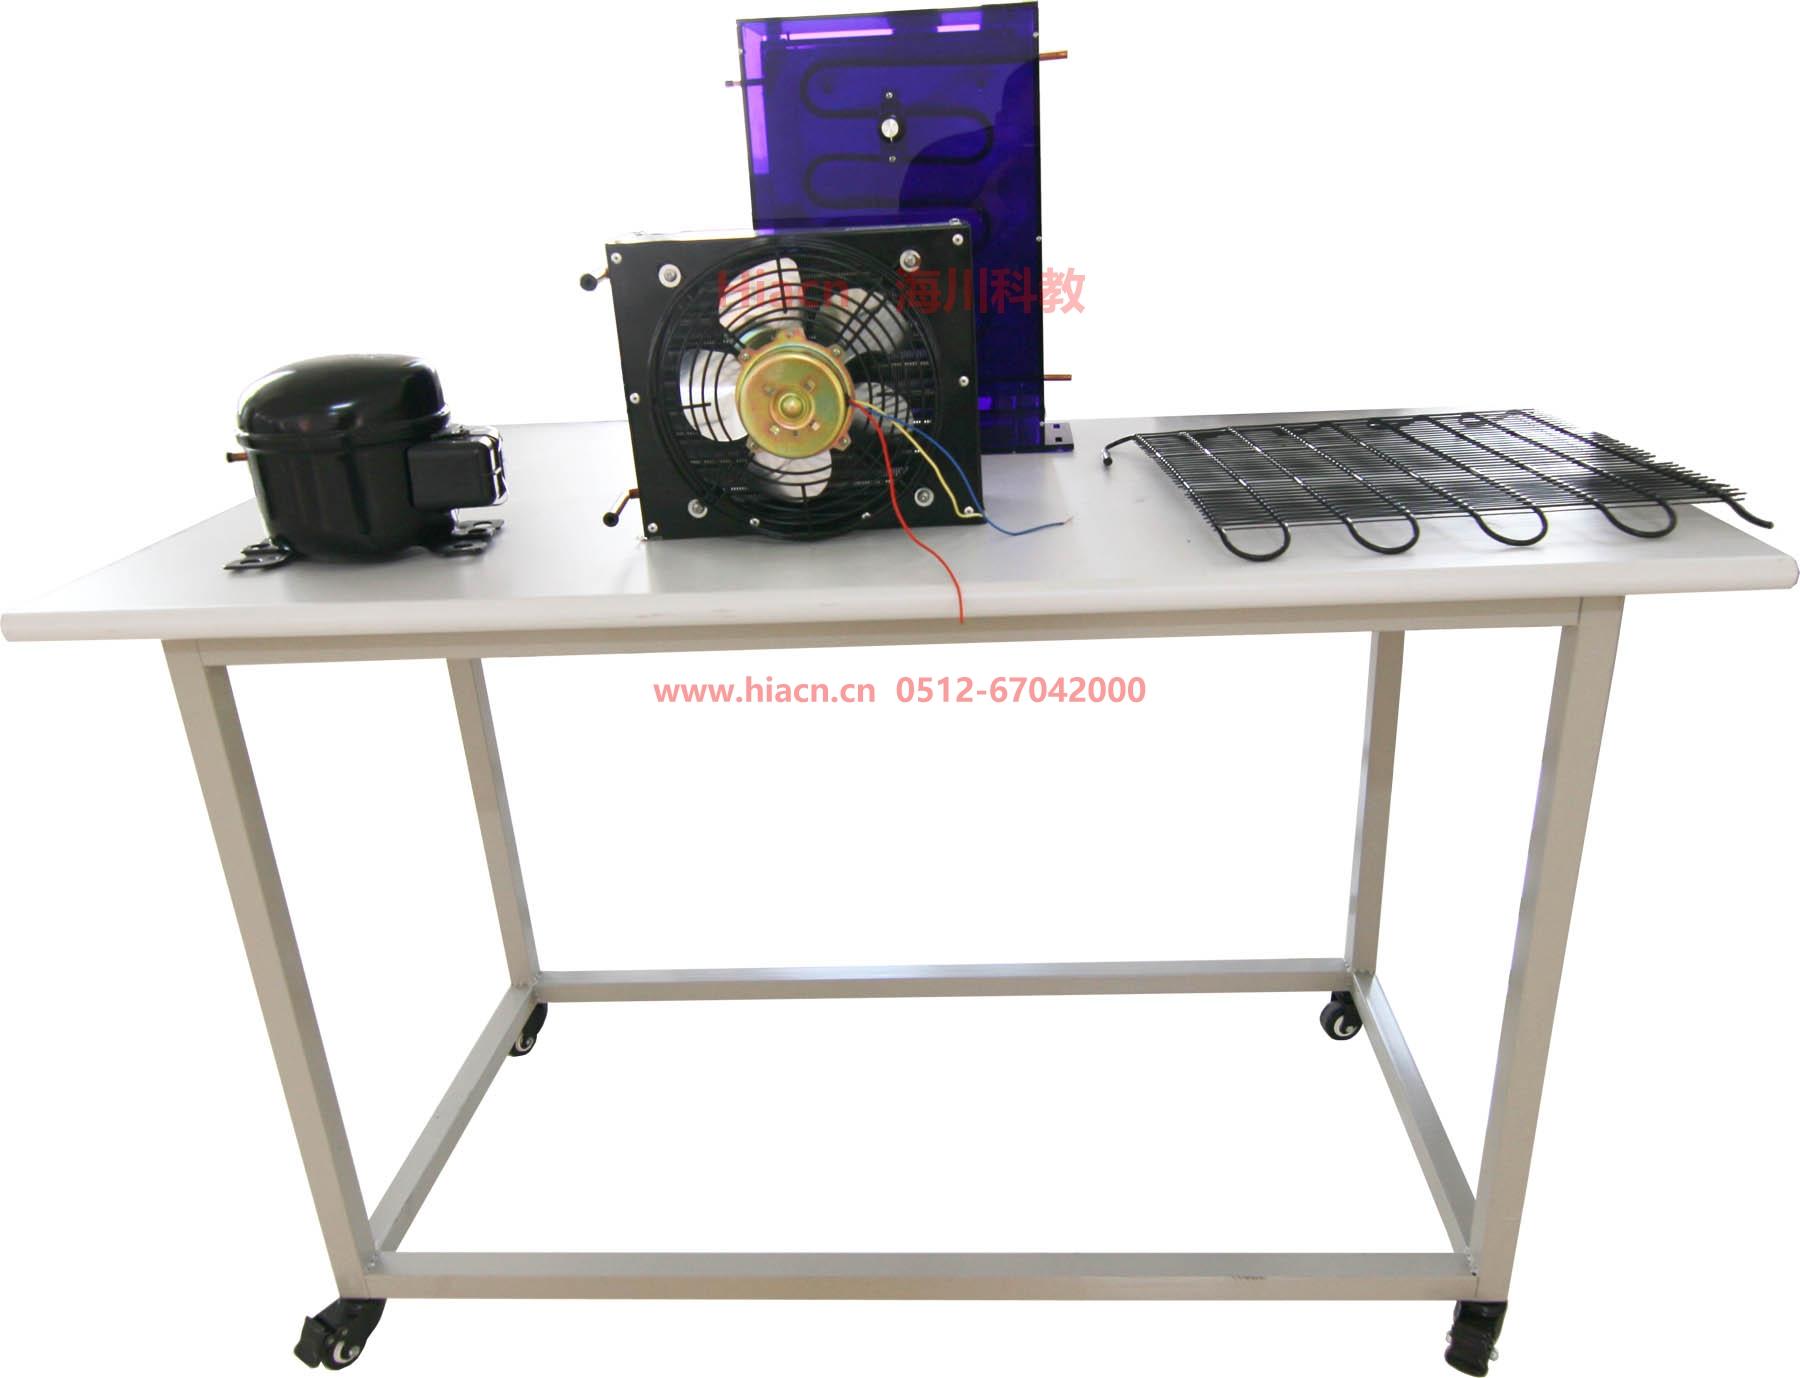 现代空调冰箱系统组装实训平台产品图片